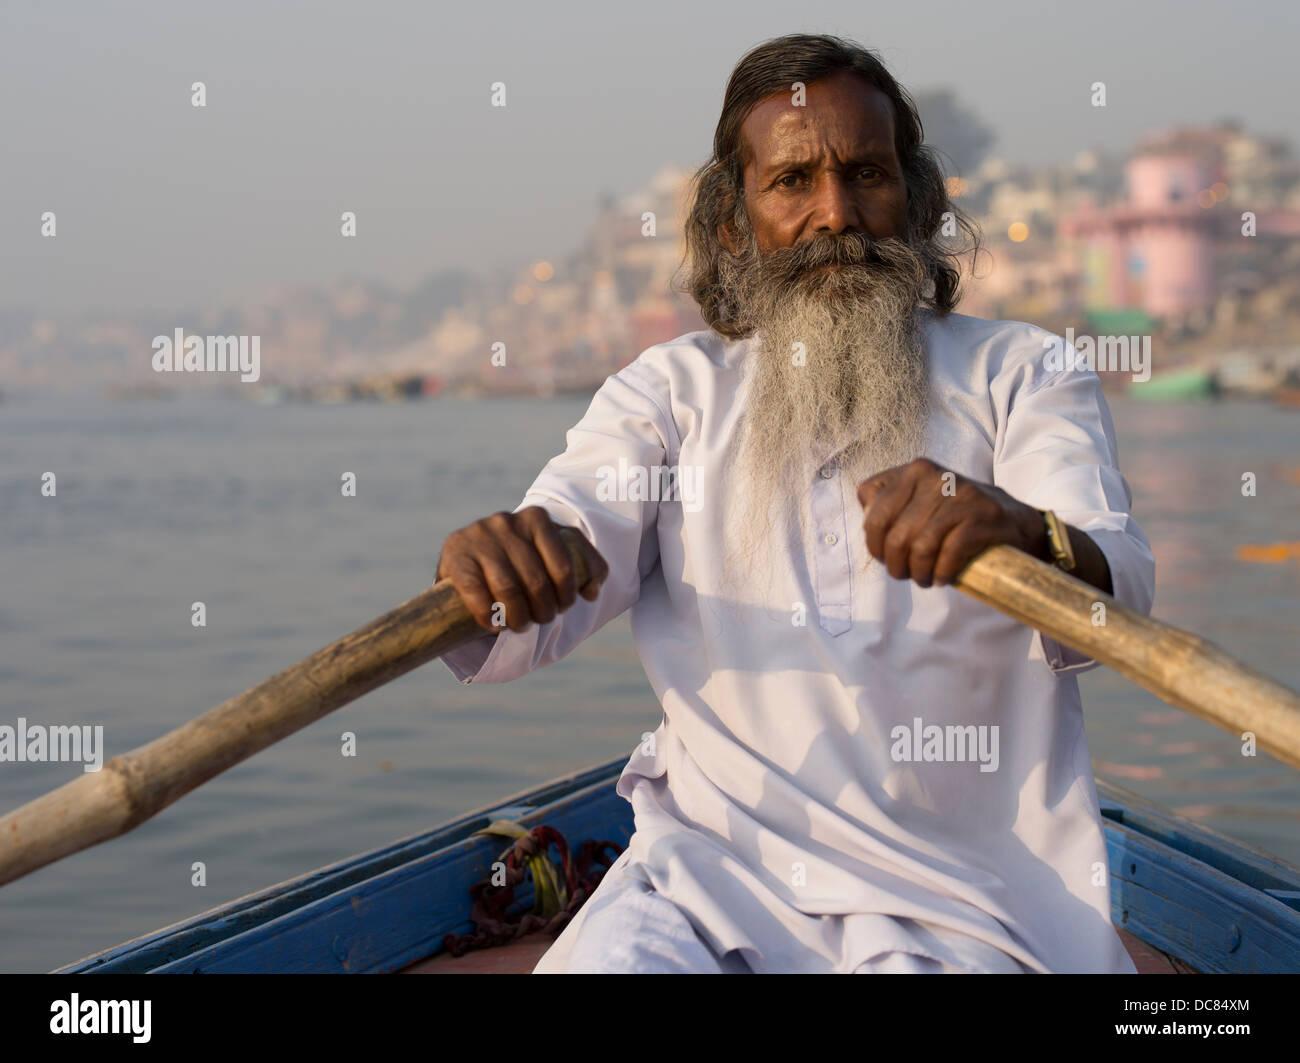 Sadhu saint homme sur les rives de la rivière Ganges - Varanasi, Inde Photo Stock